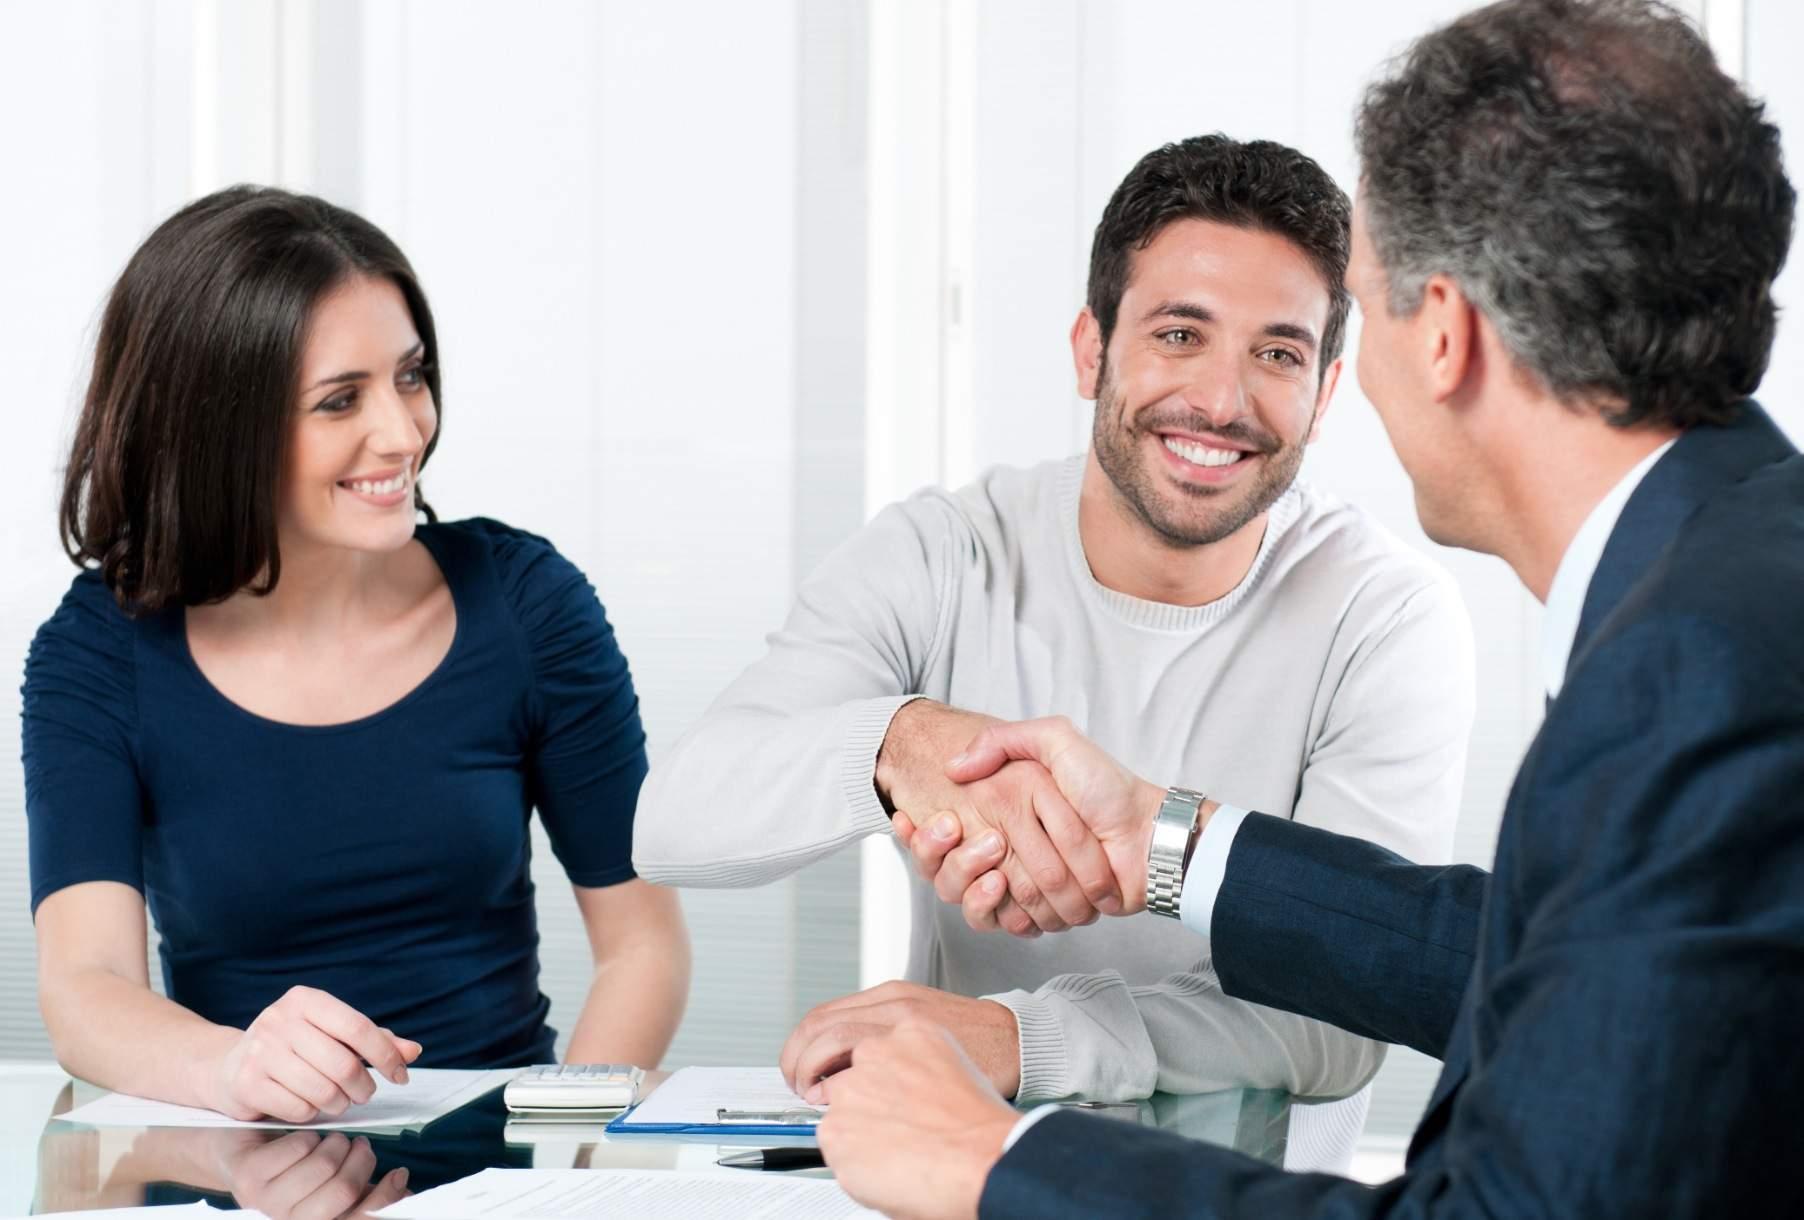 Bạn có biết công việc của nhân viên tư vấn bảo hiểm là gì?